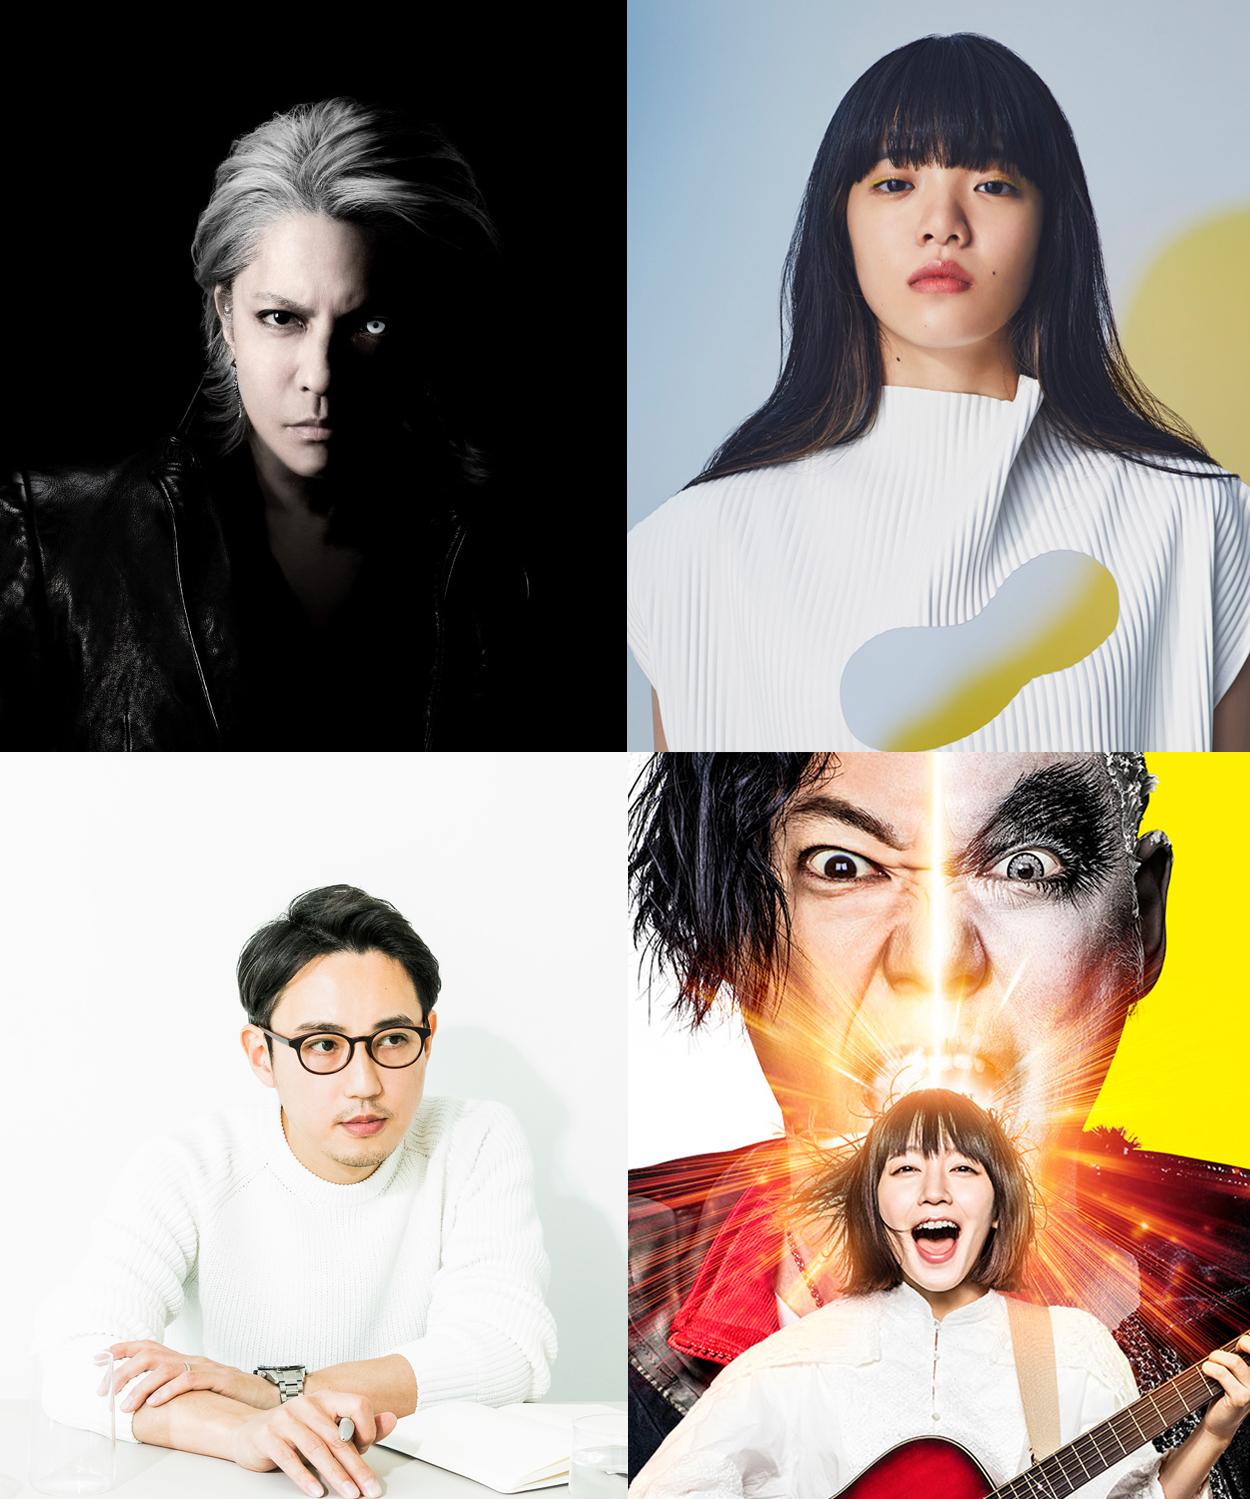 左上から時計回りに、HYDE、あいみょん、阿部サダヲ&吉岡里帆、いしわたり淳司